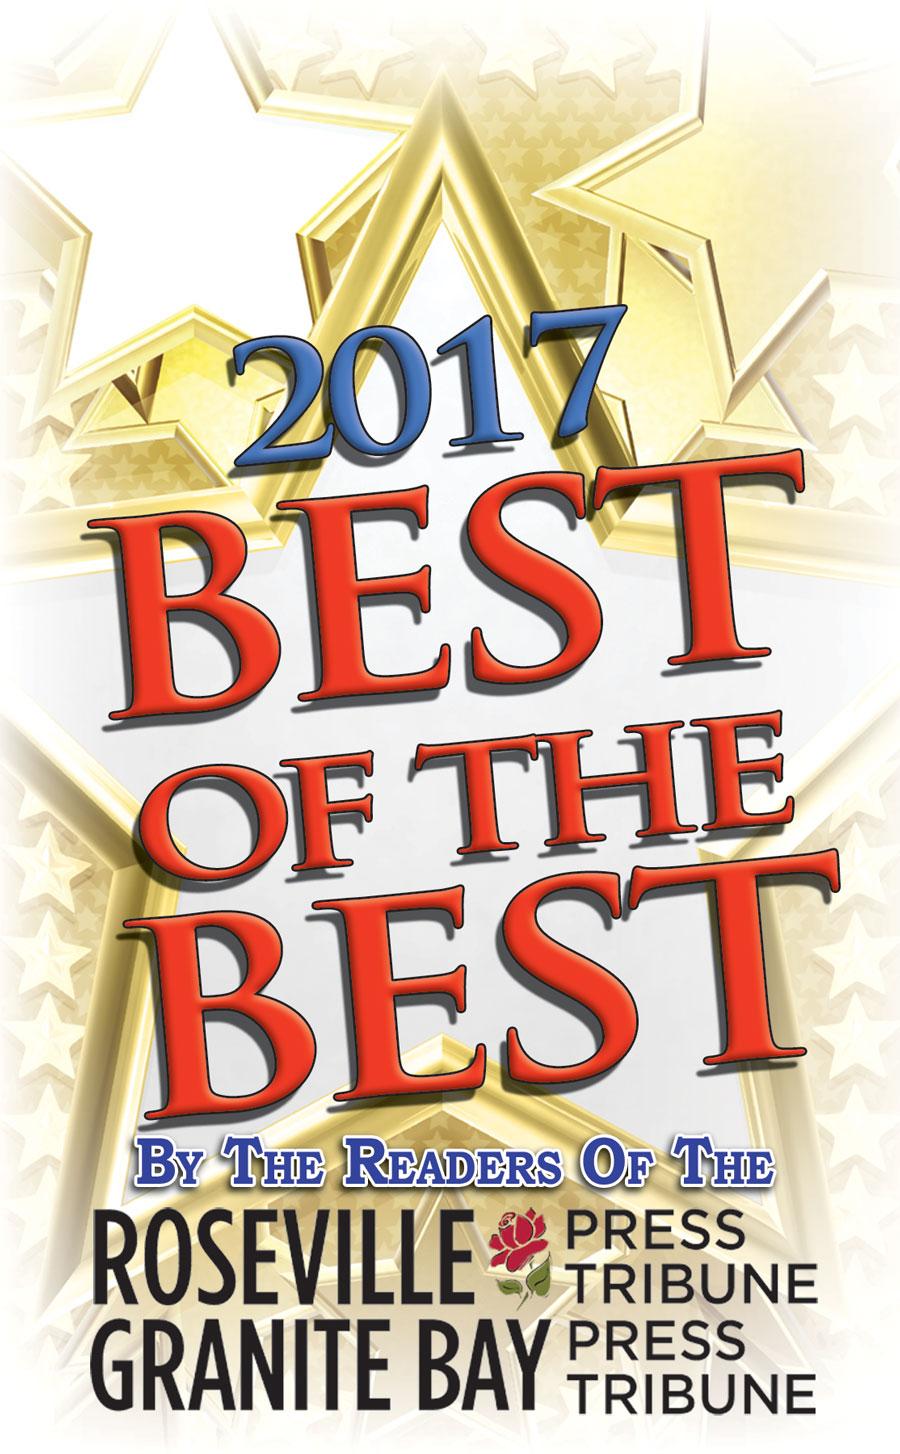 BestOfBest2017-PTGB-readers